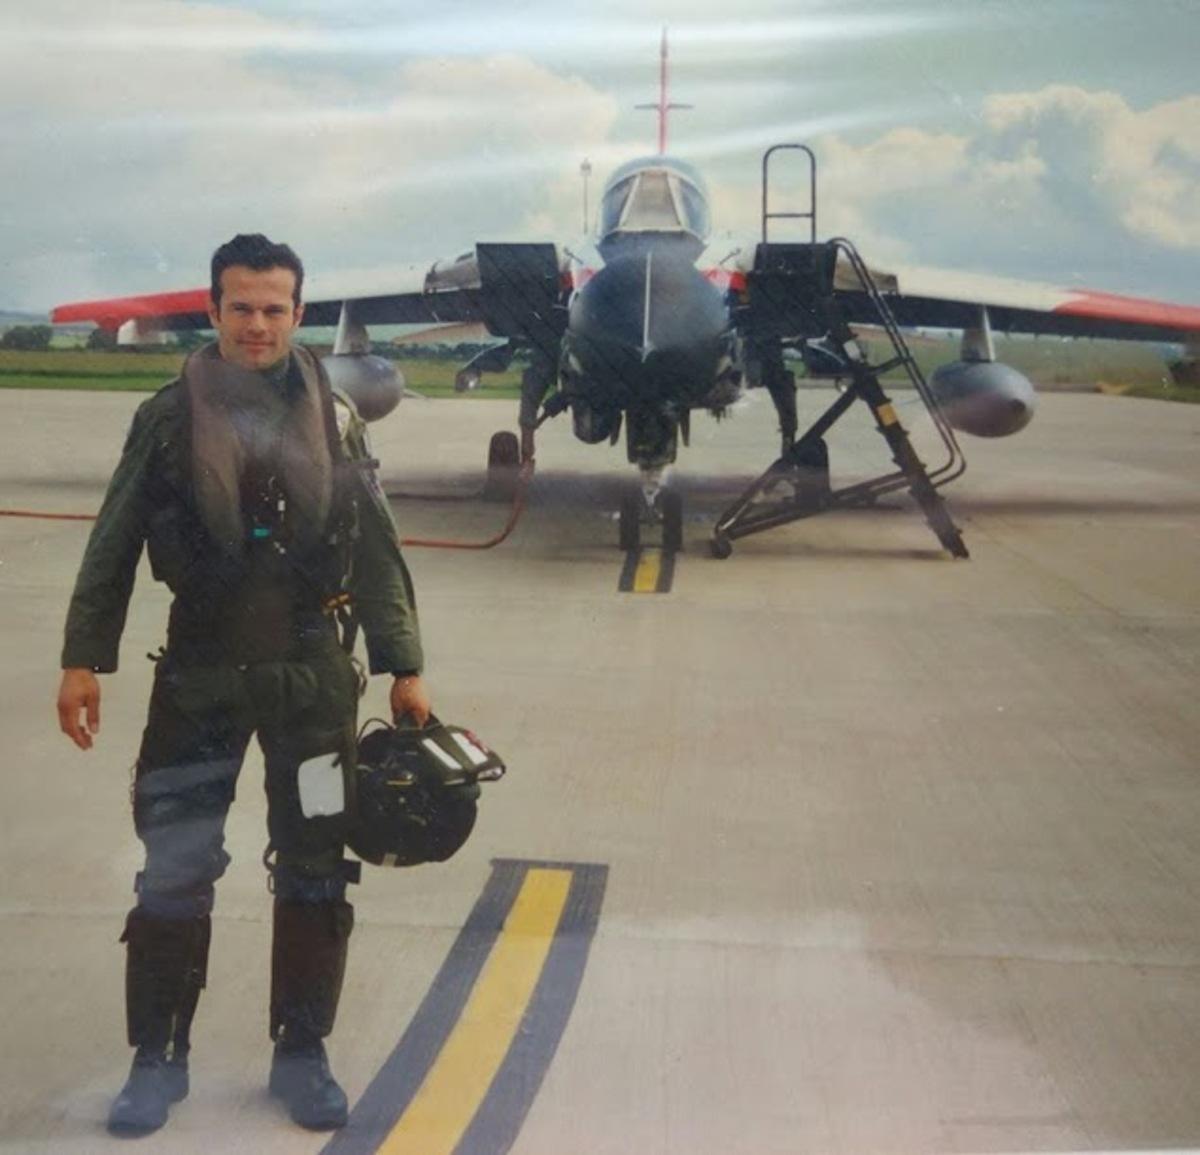 pilotos 104 - Μεσολόγγι: Αυτός είναι ο πιλότος του αεροσκάφους που κατέπεσε – Άκαρπες οι έρευνες